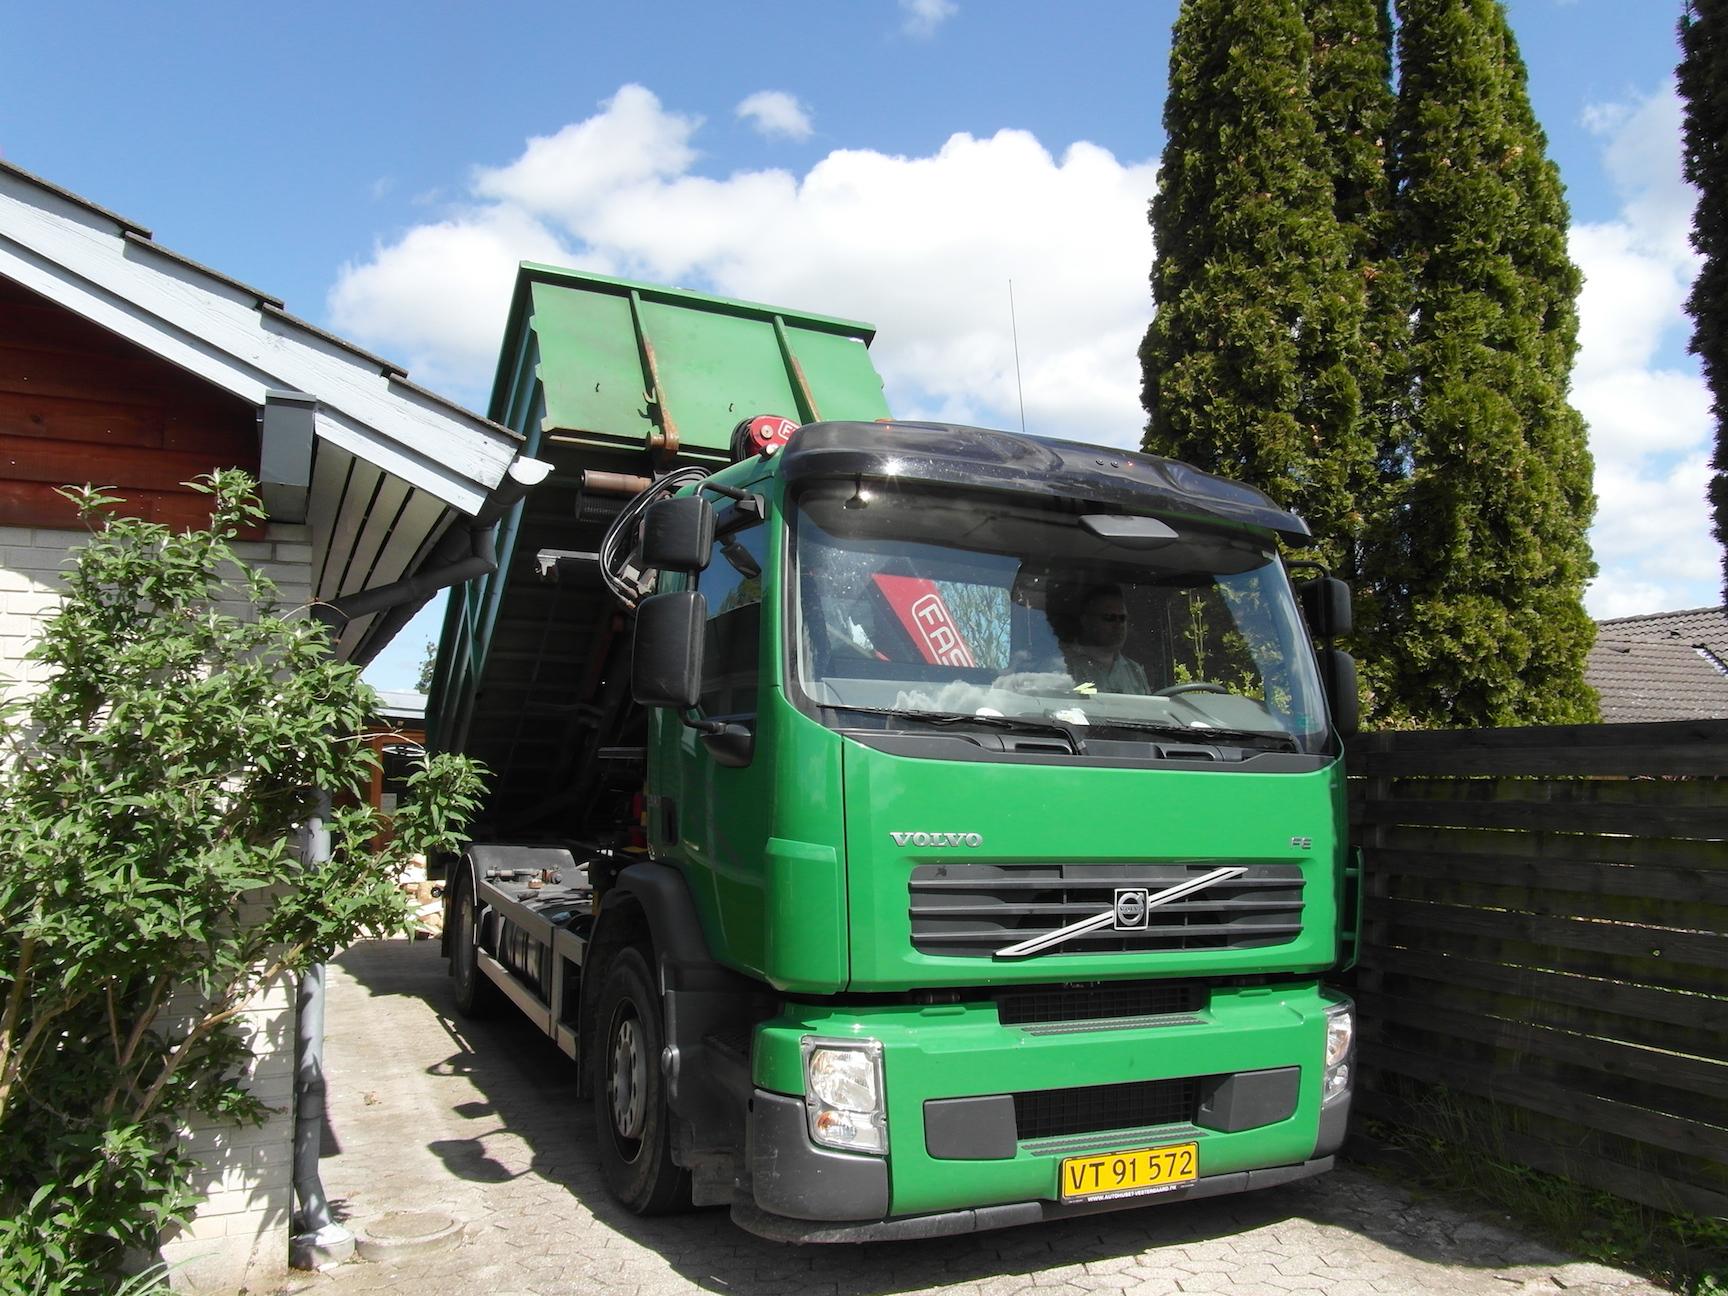 John's Brænde og Transport - kran - grab- container - grus - sten - flis - transport af affald ...